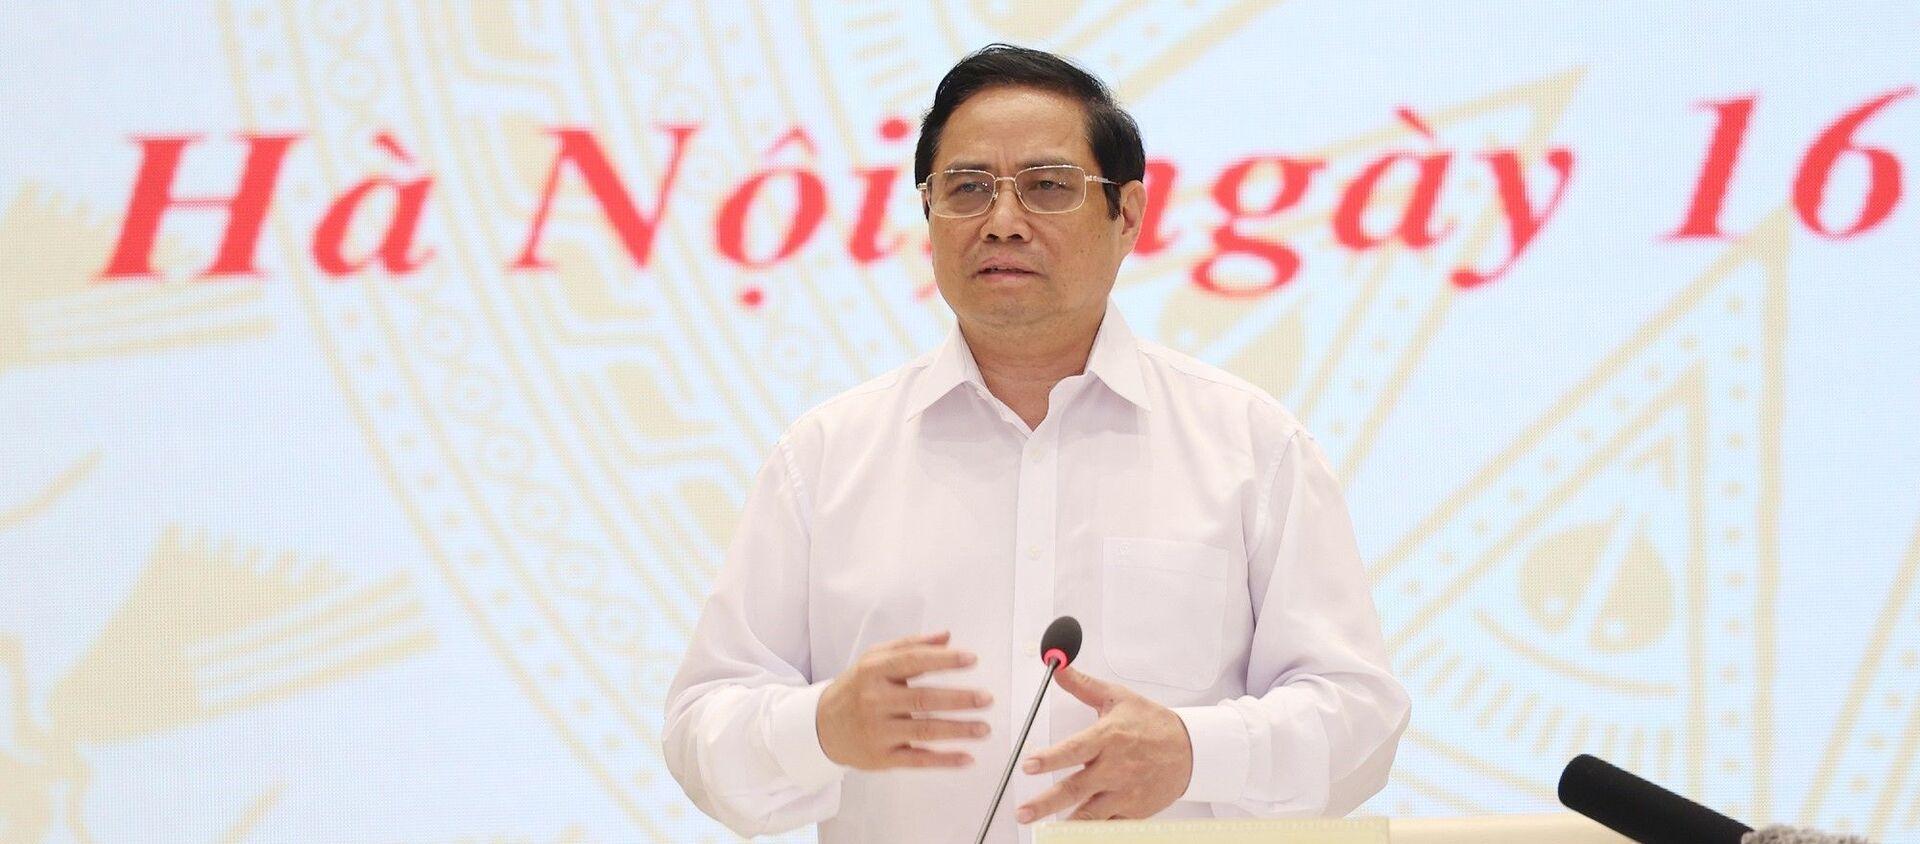 Thủ tướng Phạm Minh Chính phát biểu kết luận hội nghị - Sputnik Việt Nam, 1920, 16.09.2021